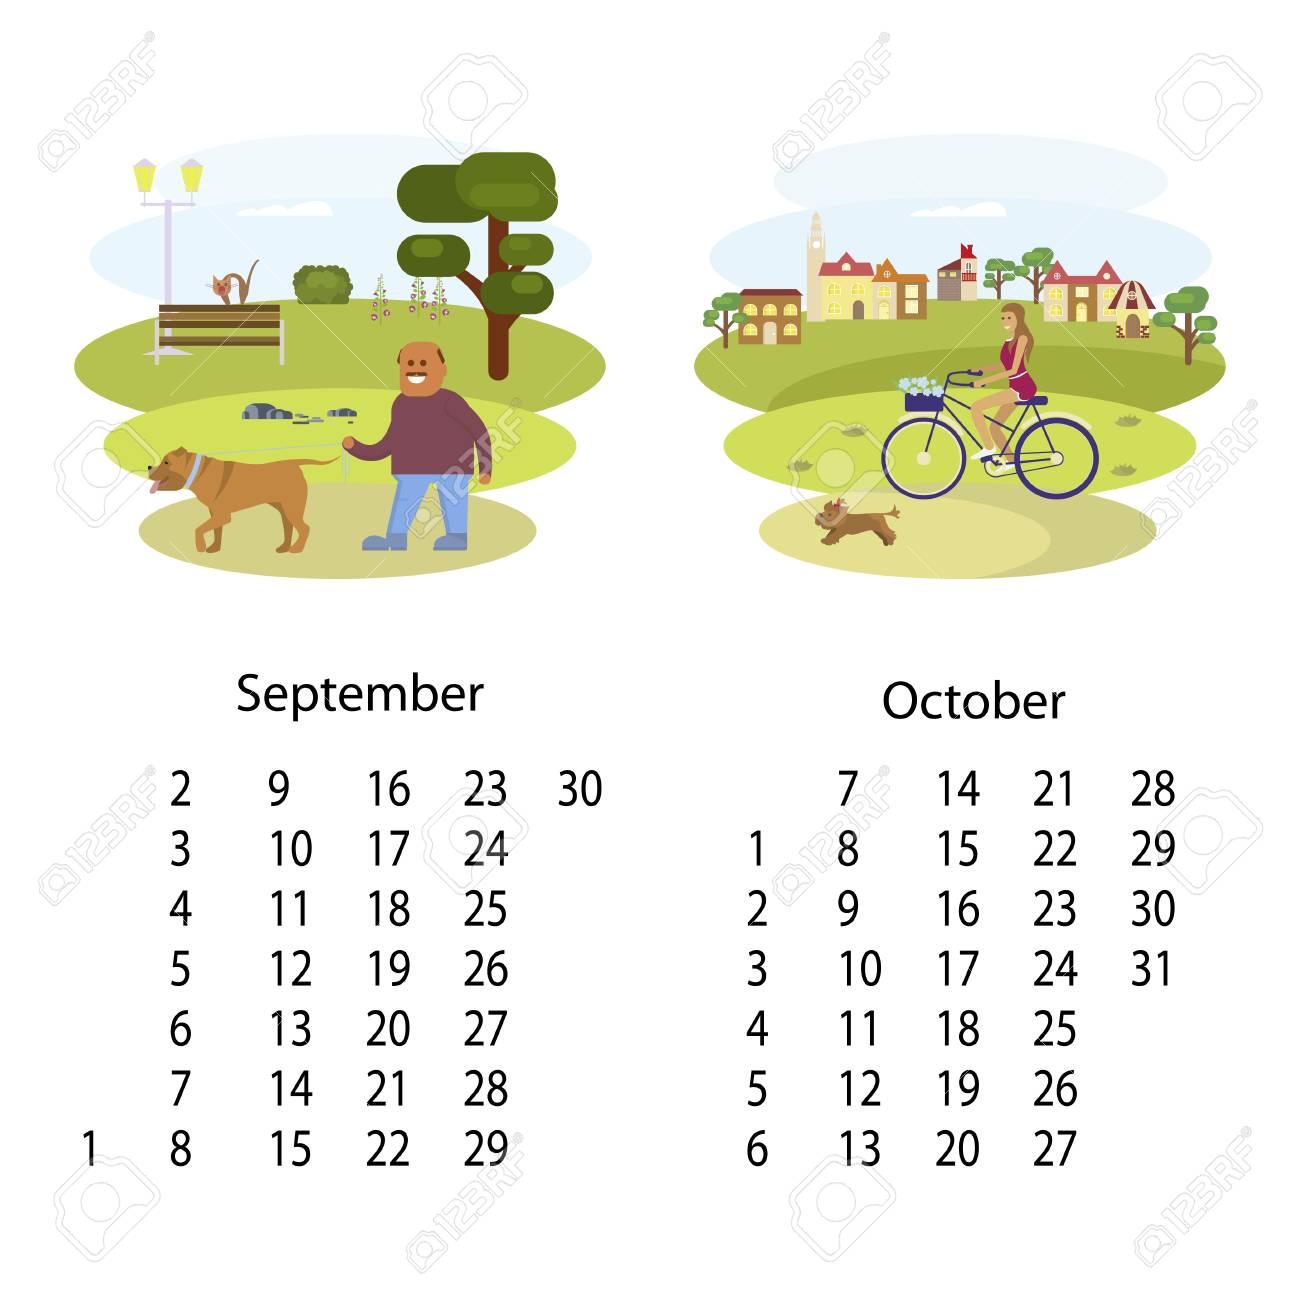 Calendario Dibujo Septiembre.Ilustracion De Calendario 2018 Con Dibujo De Dibujos Animados Para Cada Mes De Septiembre De Octubre